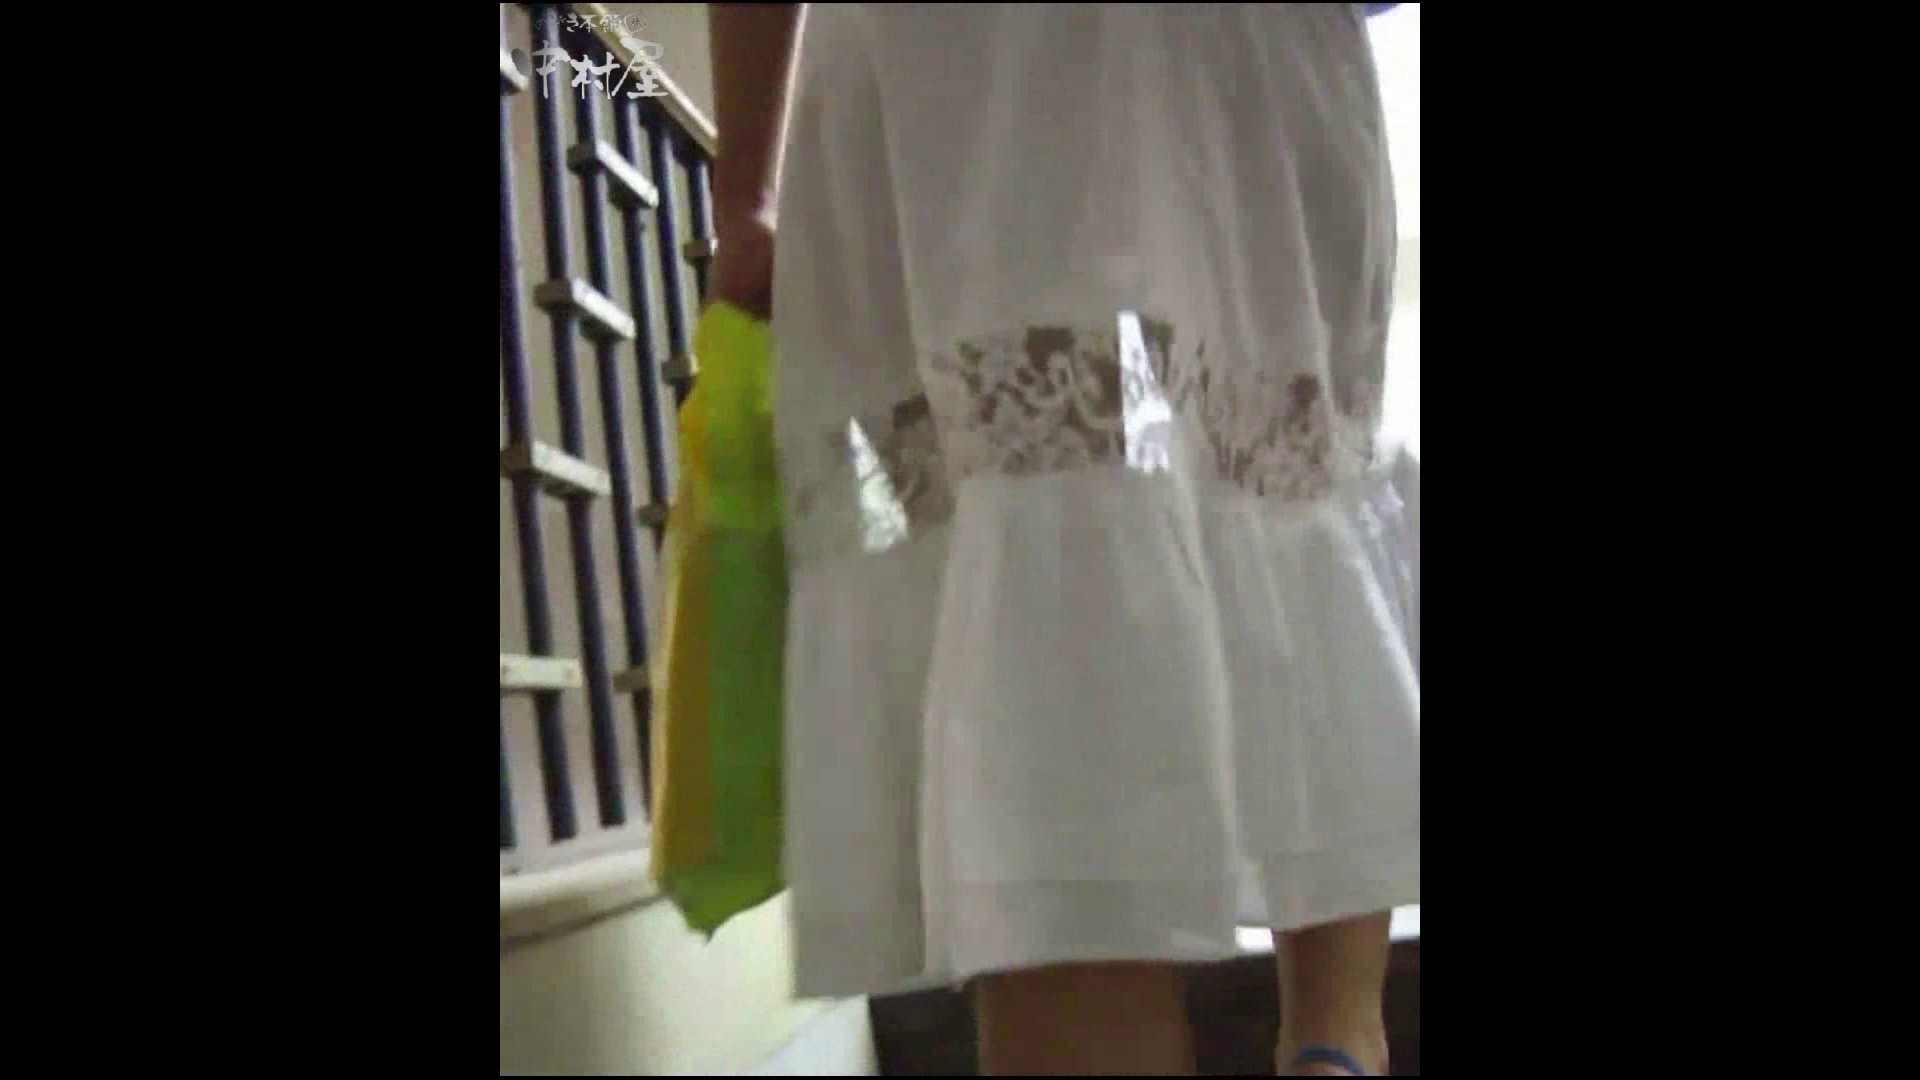 綺麗なモデルさんのスカート捲っちゃおう‼ vol11 OLエロ画像  61PICs 60